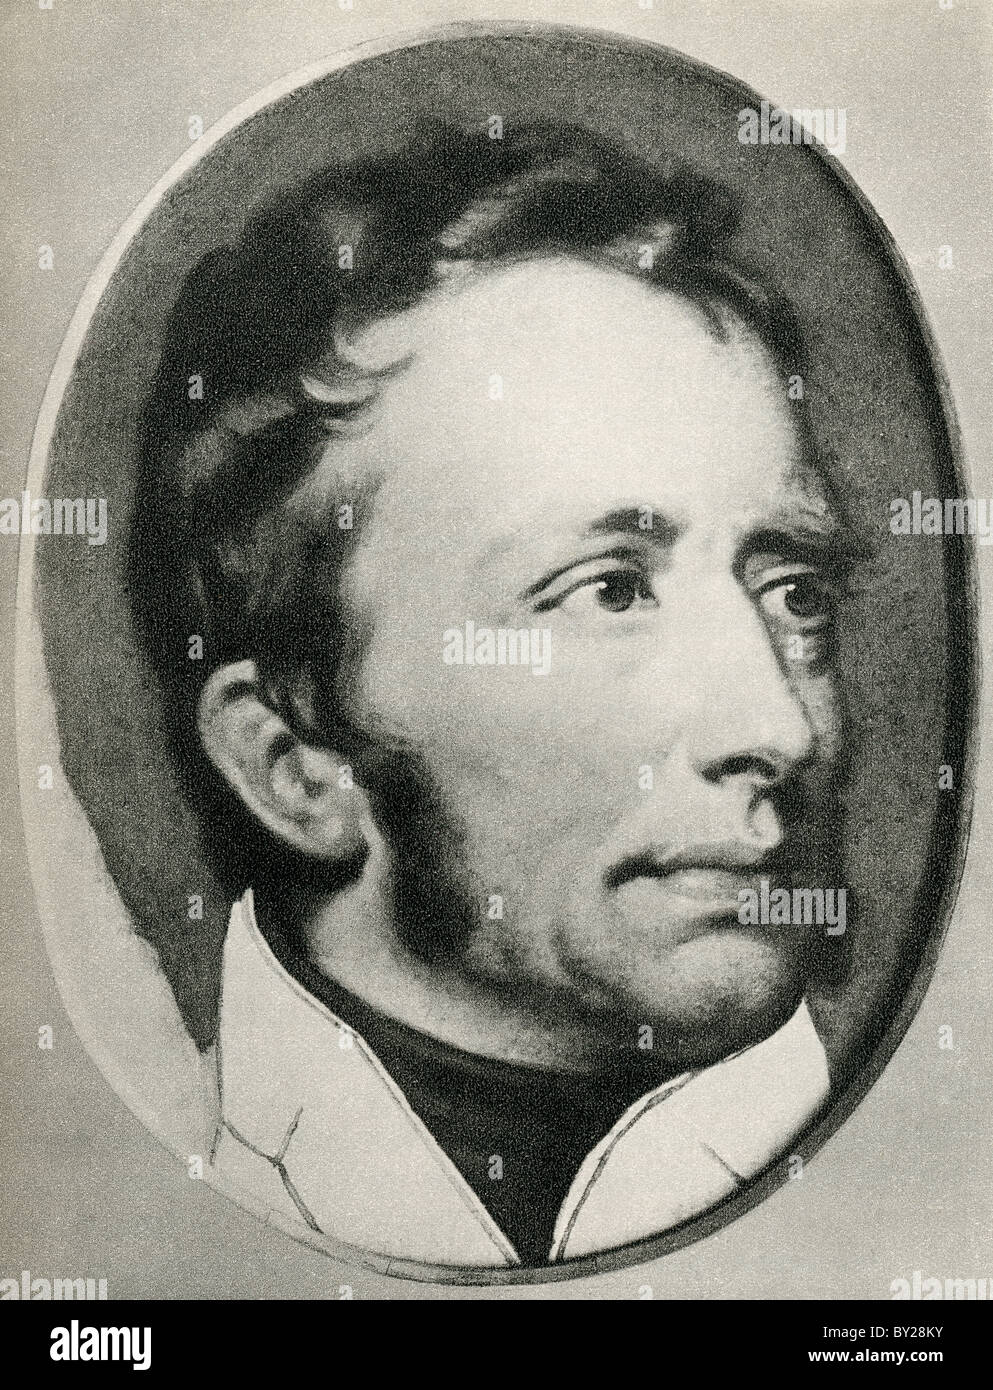 Willem Frederik, rey de los Países Bajos y Gran Duque de Luxemburgo, 1772 - 1843 Imagen De Stock